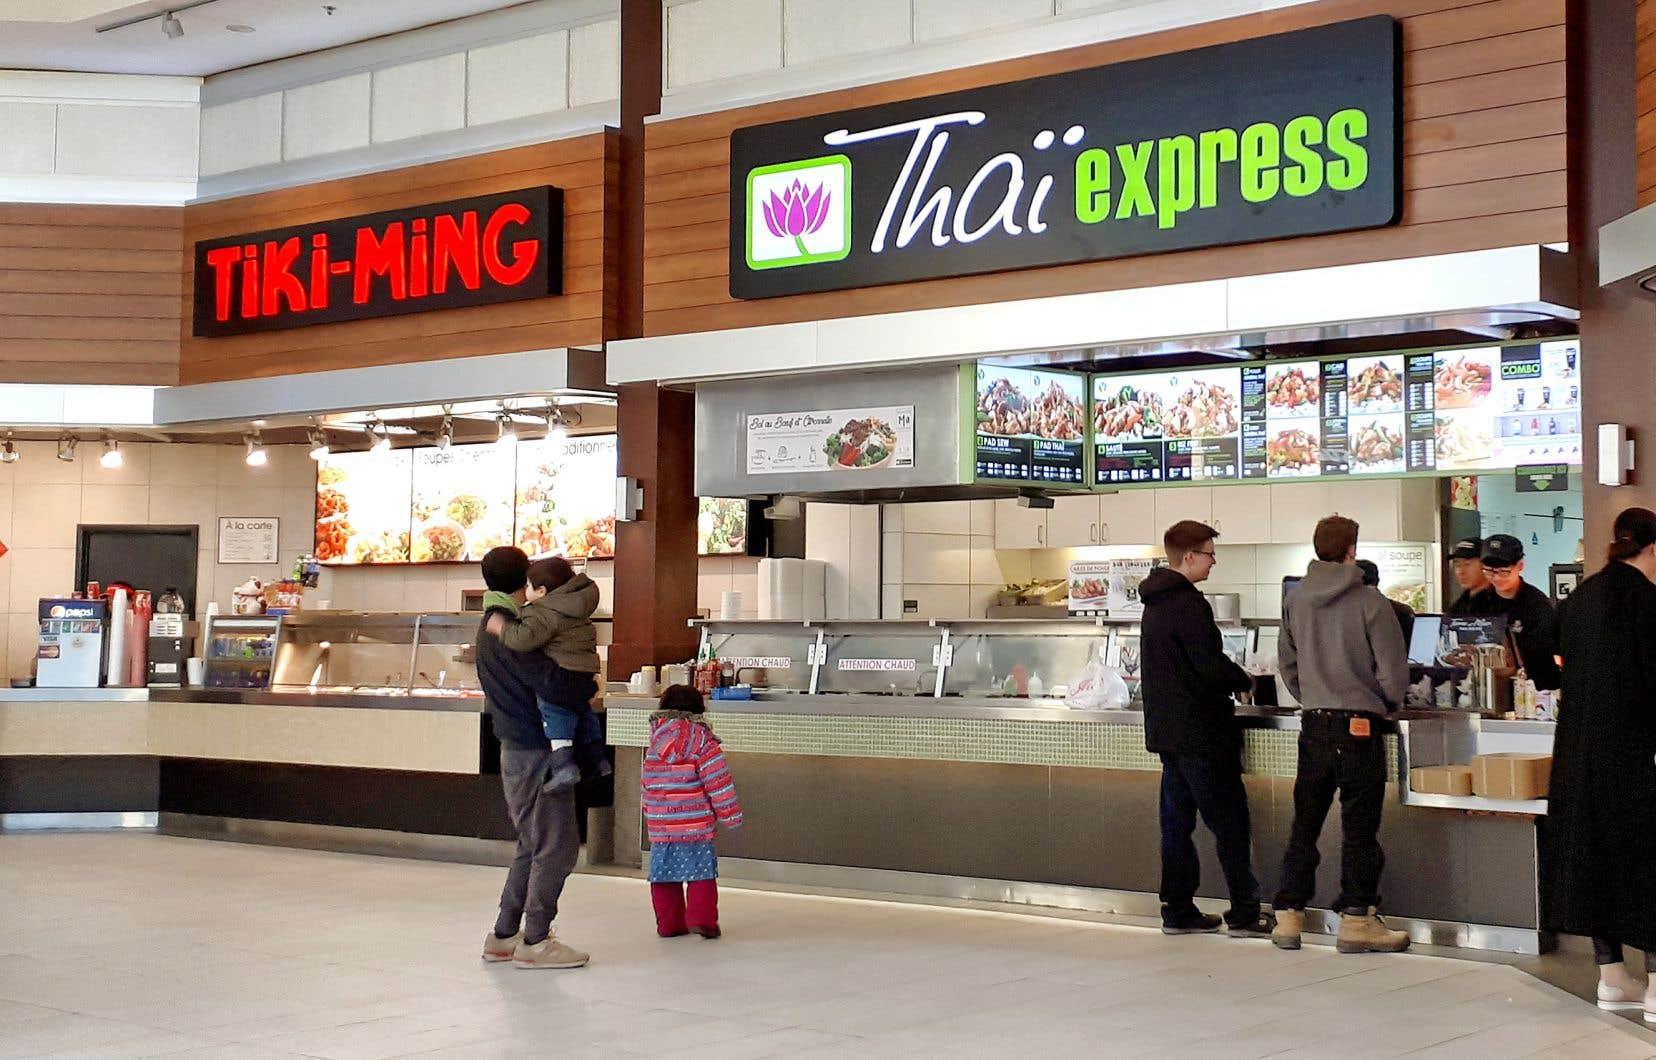 Le franchiseur montréalais, propriétaire de 80 marques, dont Sushi Shop, Thaï Express, Tiki-Ming et Valentine, augmente ses prix à un rythme «bas ou très bas» dans la fourchette entre 0 et 10%.